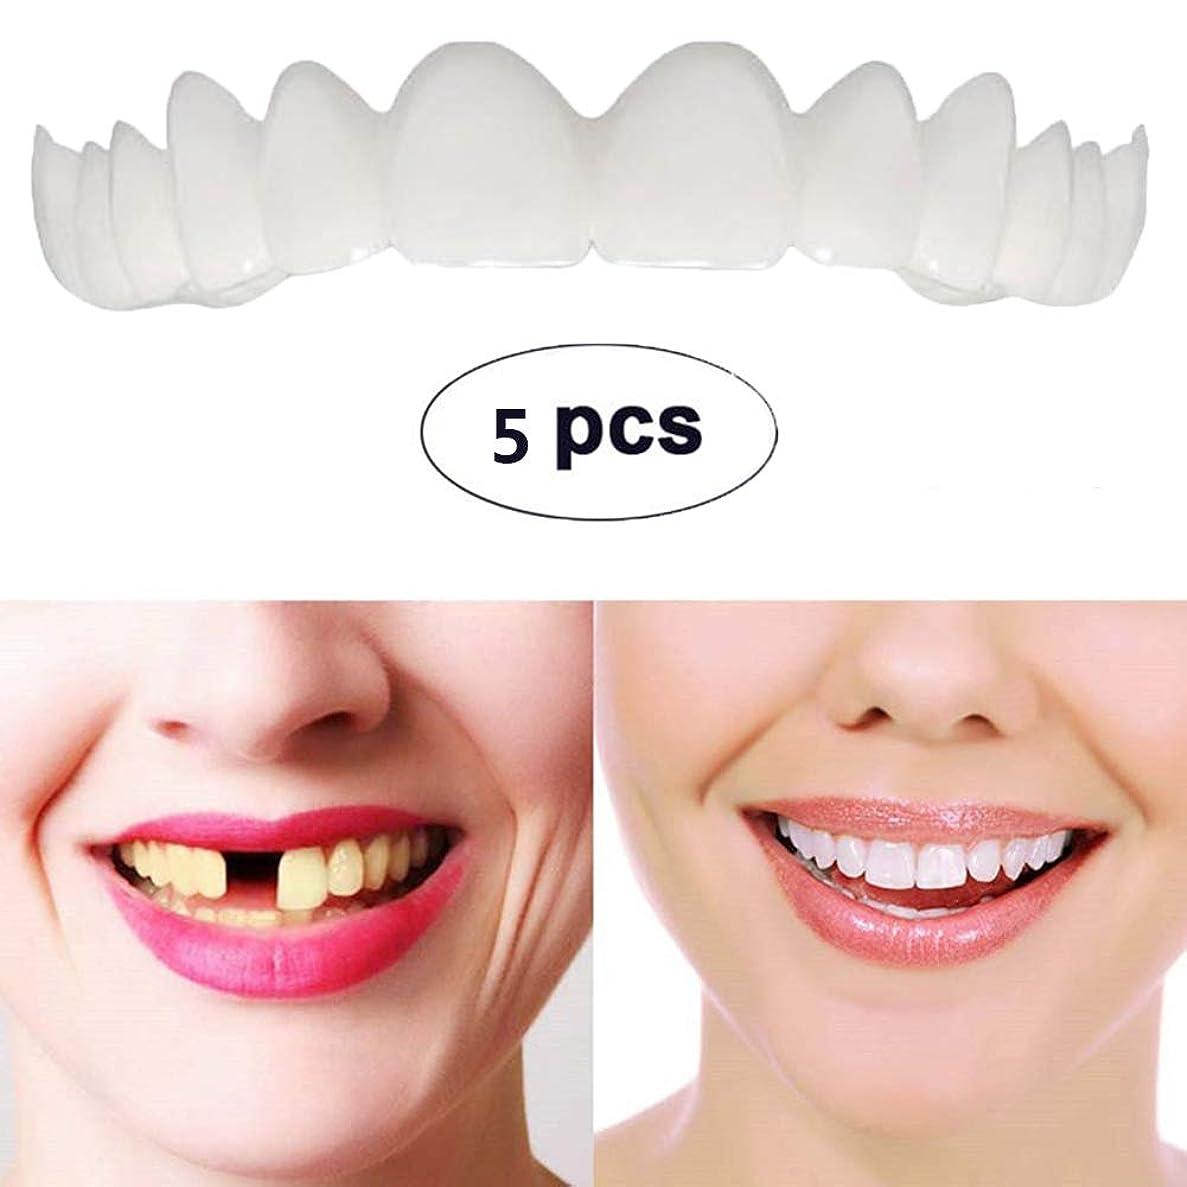 アクセスできないリップ抗議5ピースインスタントパーフェクトコンフォートフィットフレックス化粧品歯入れ歯歯トップ化粧突き板,5upperteeth